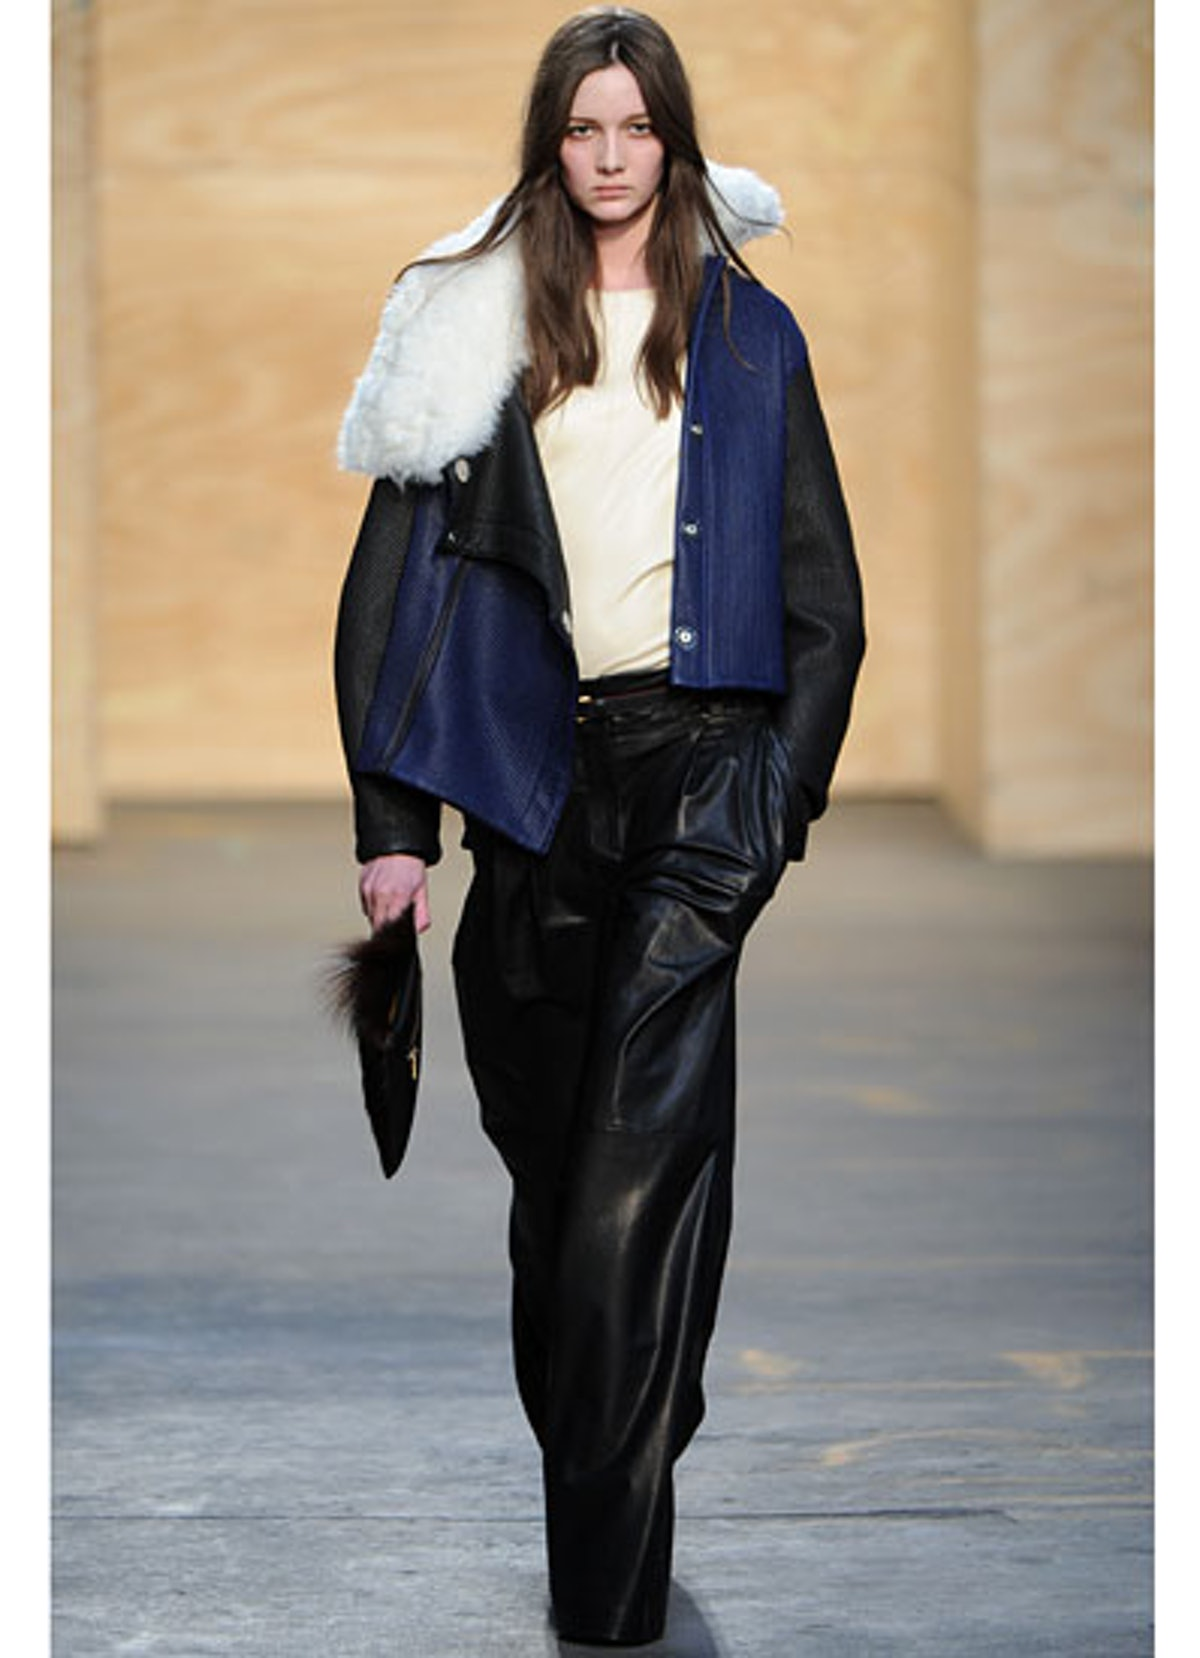 fass-fall-2012-fashion-roundup-18-v.jpg